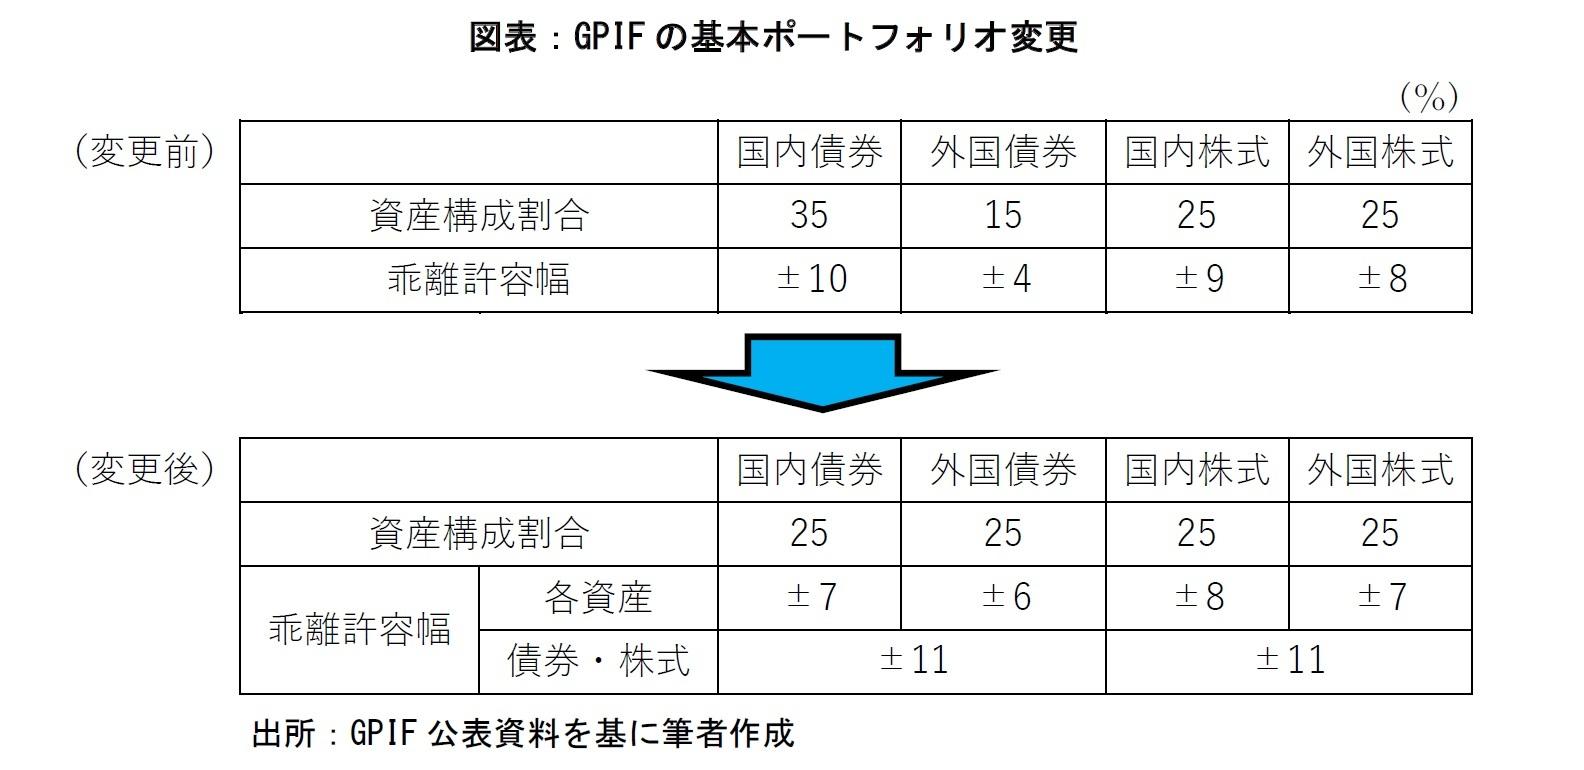 図表1:GPIFの基本ポートフォリオ変更